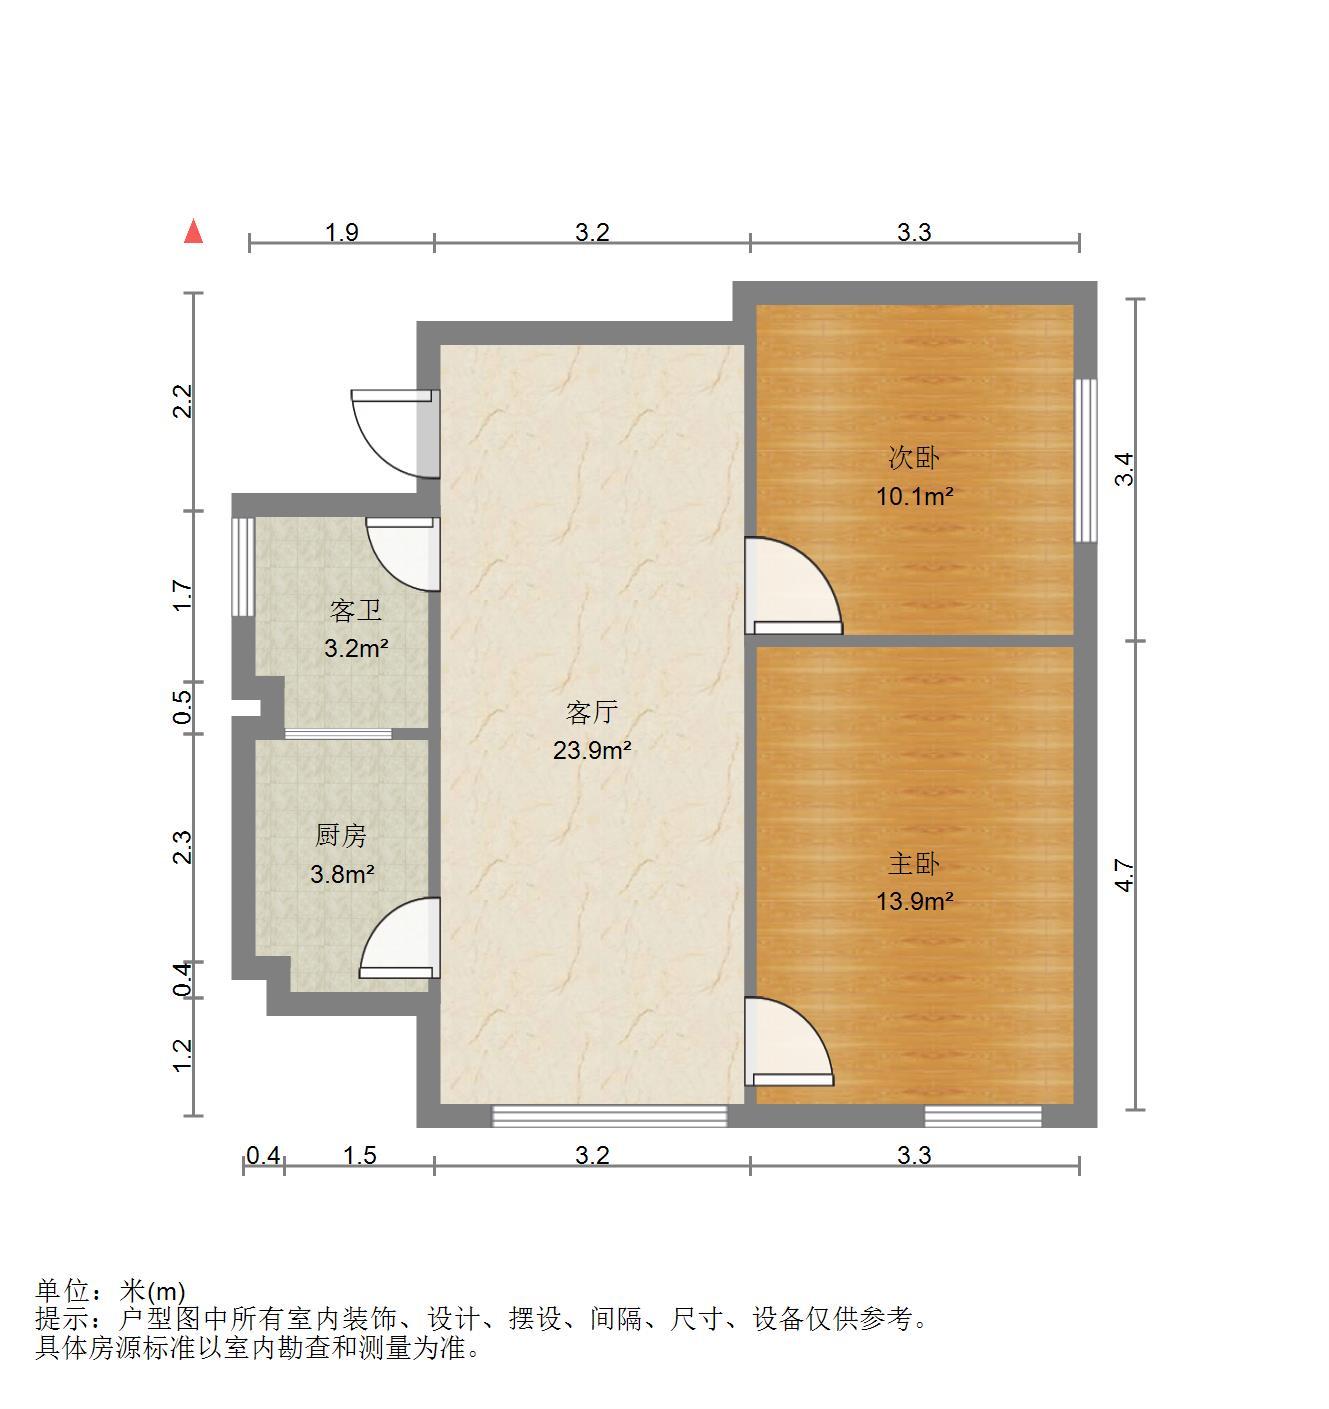 城关区雁滩高新区普通2室2厅1卫二手房出售